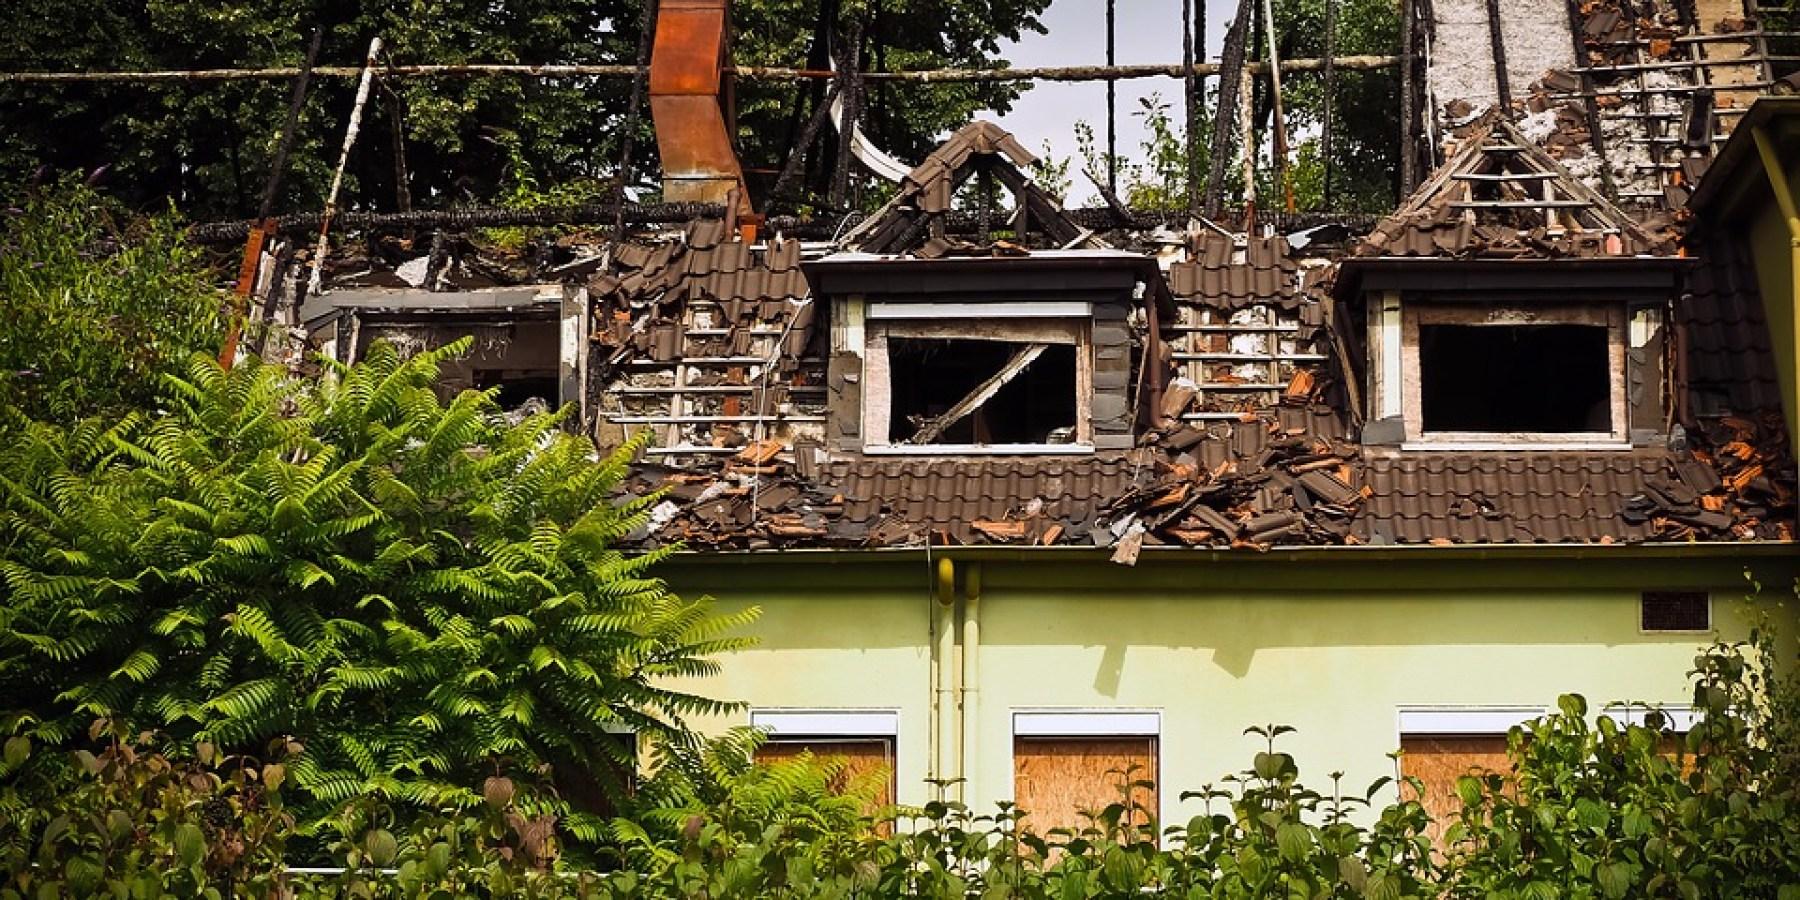 Nach Brand am Albersloher Weg – 35-jähriger Münsteraner in Haft